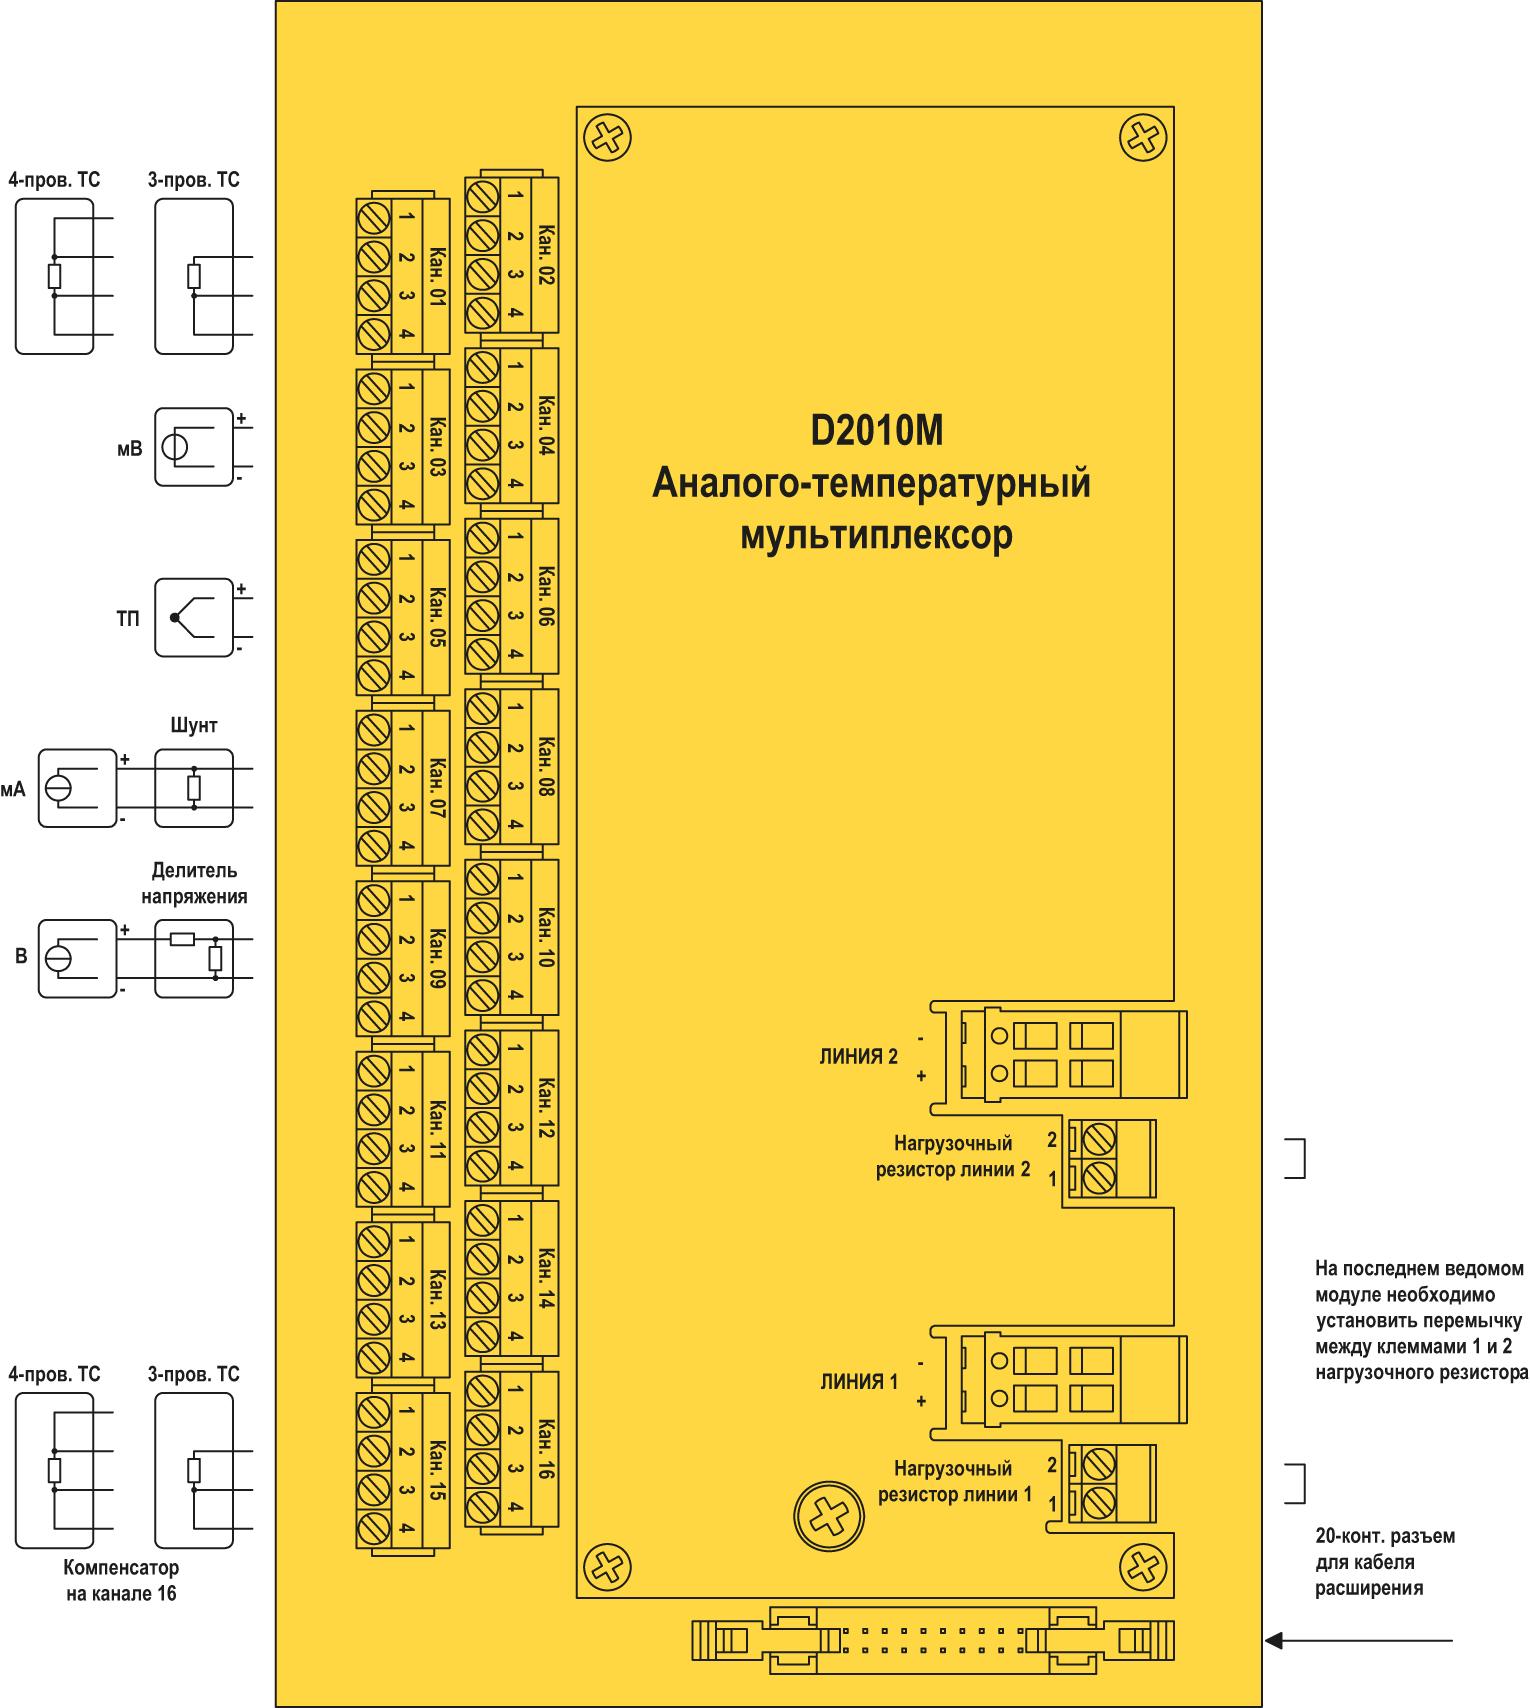 Функциональная схема искробезопасного аналого-температурного мультиплексора D2010M